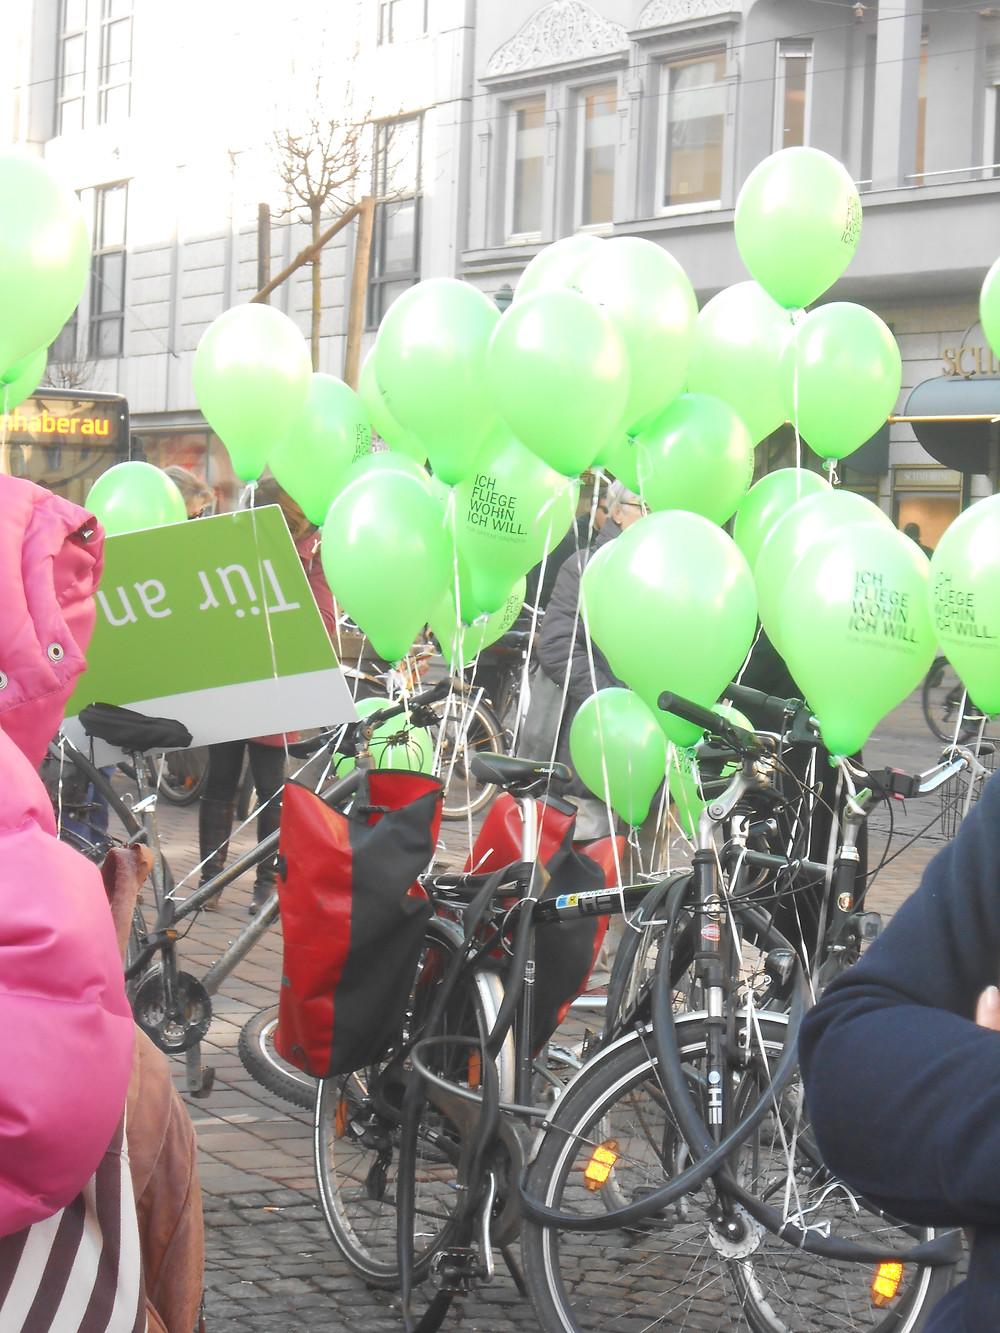 Am Rathausplatz wurden Luftballons symbolisch für eine Welt ohne Grenzen in den Himmel geschickt!